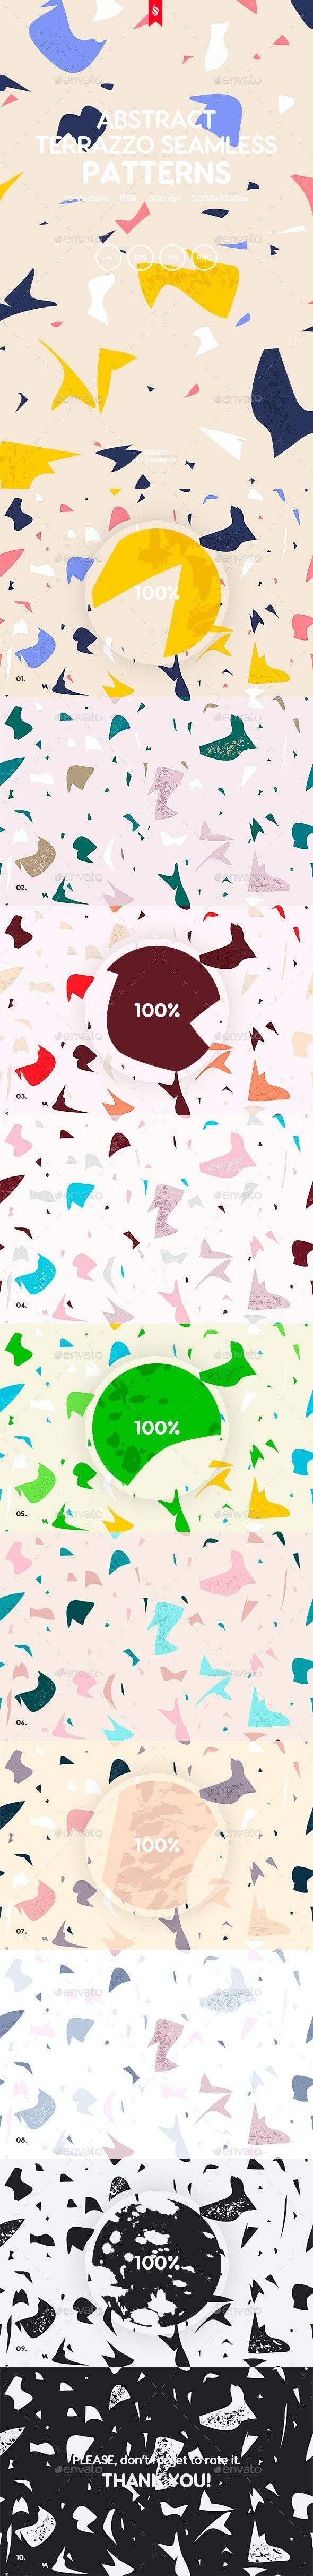 Terrazzo Seamless Patterns - Patterns Backgrounds